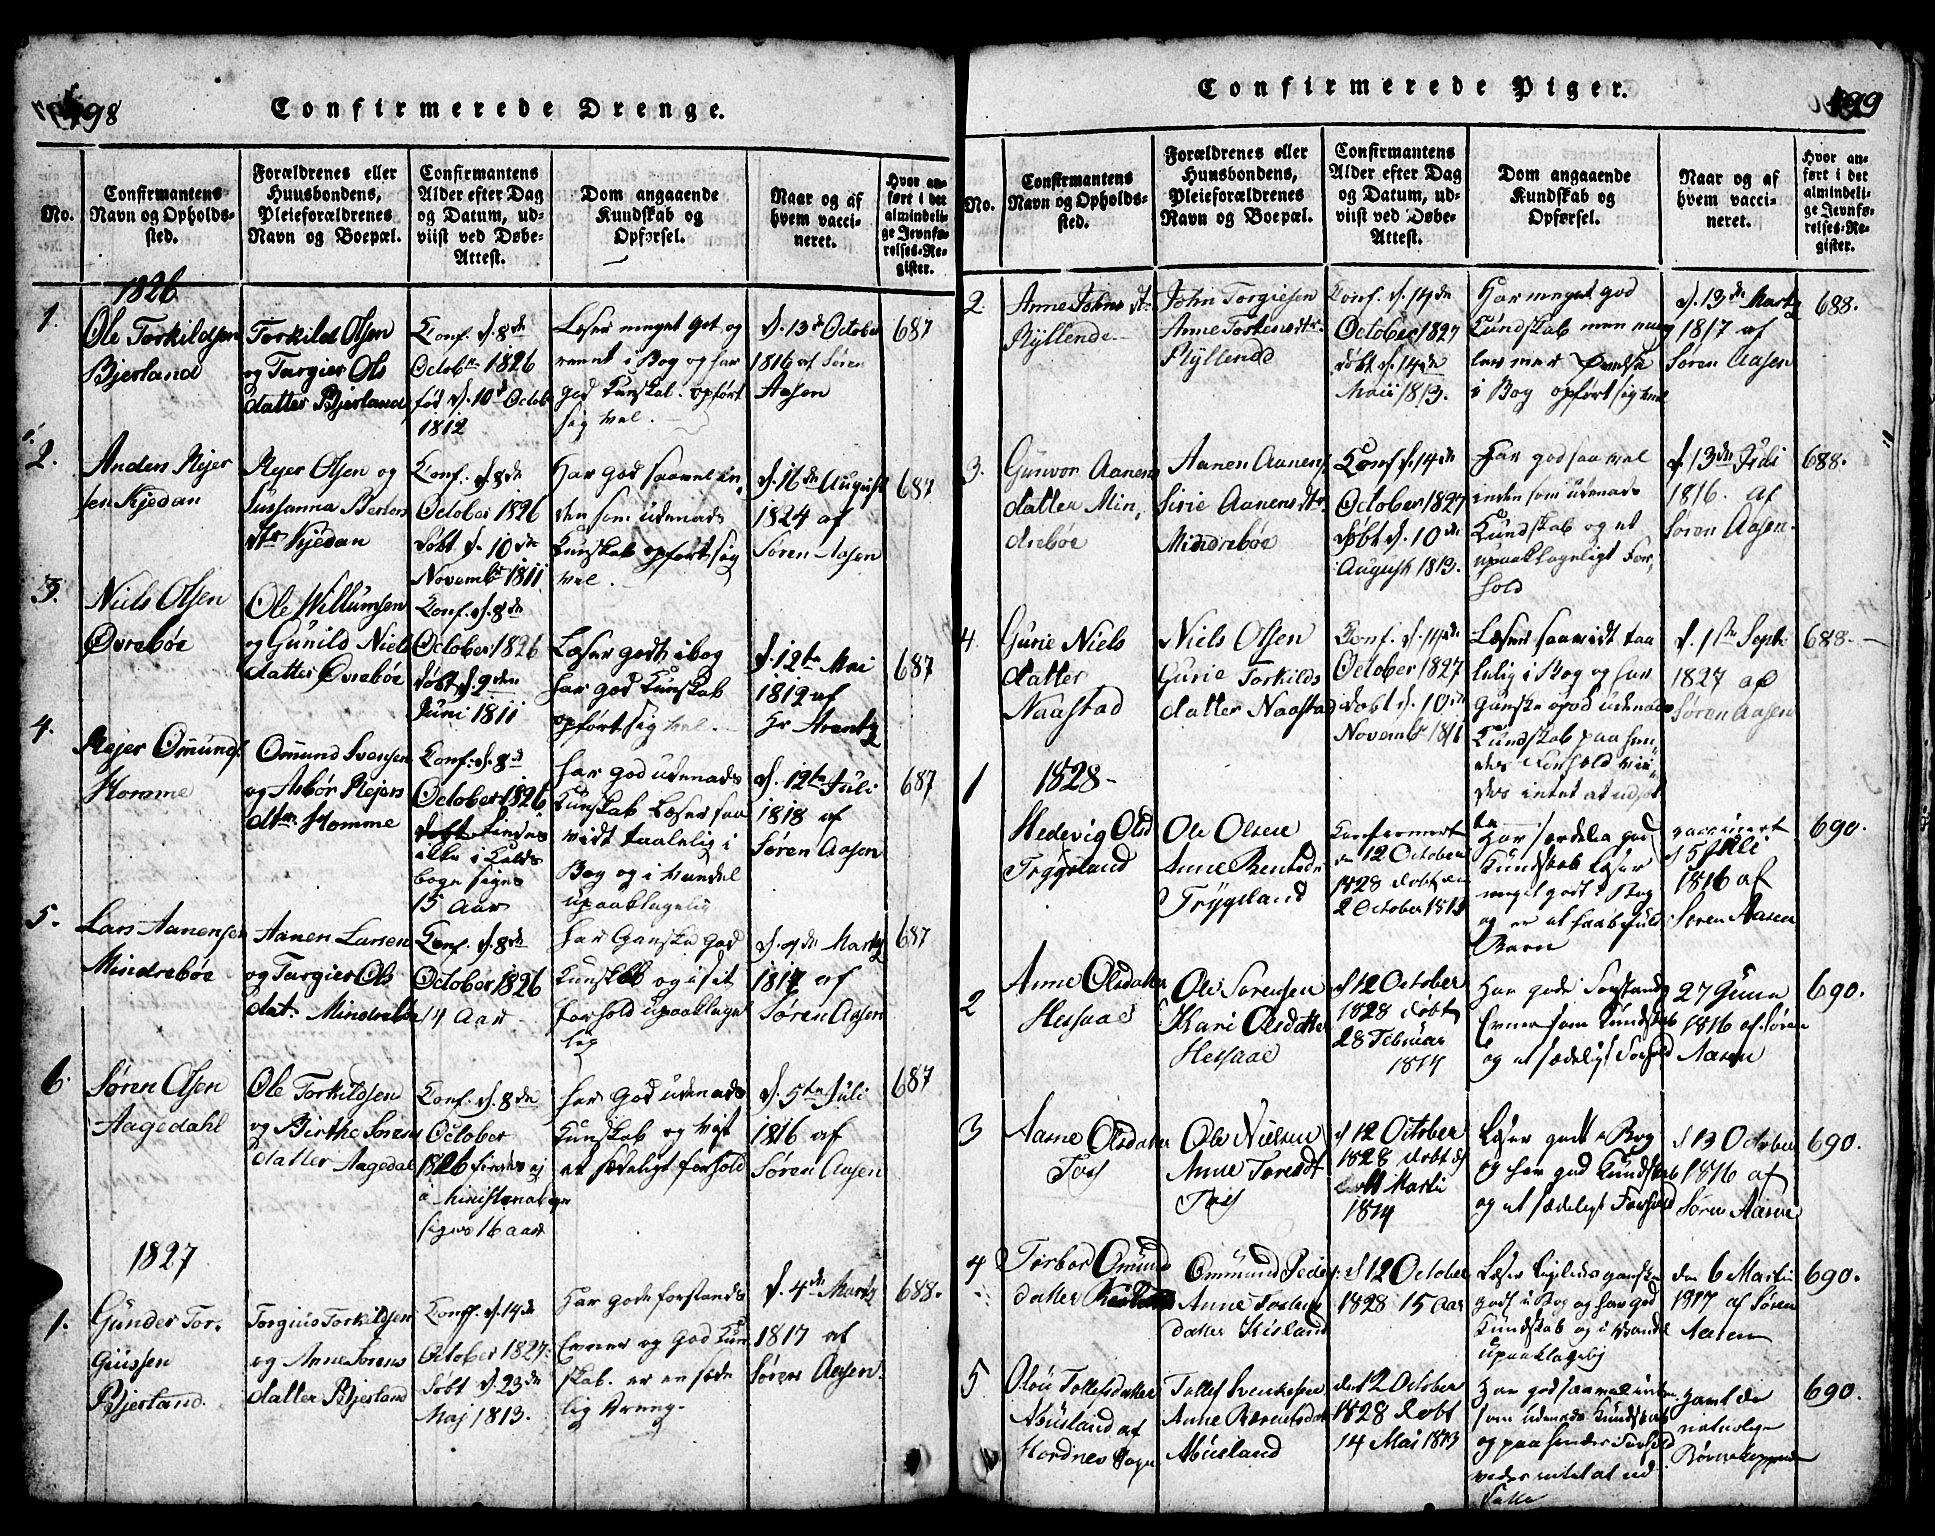 SAK, Bjelland sokneprestkontor, F/Fb/Fba/L0003: Klokkerbok nr. B 3, 1816-1870, s. 498-499